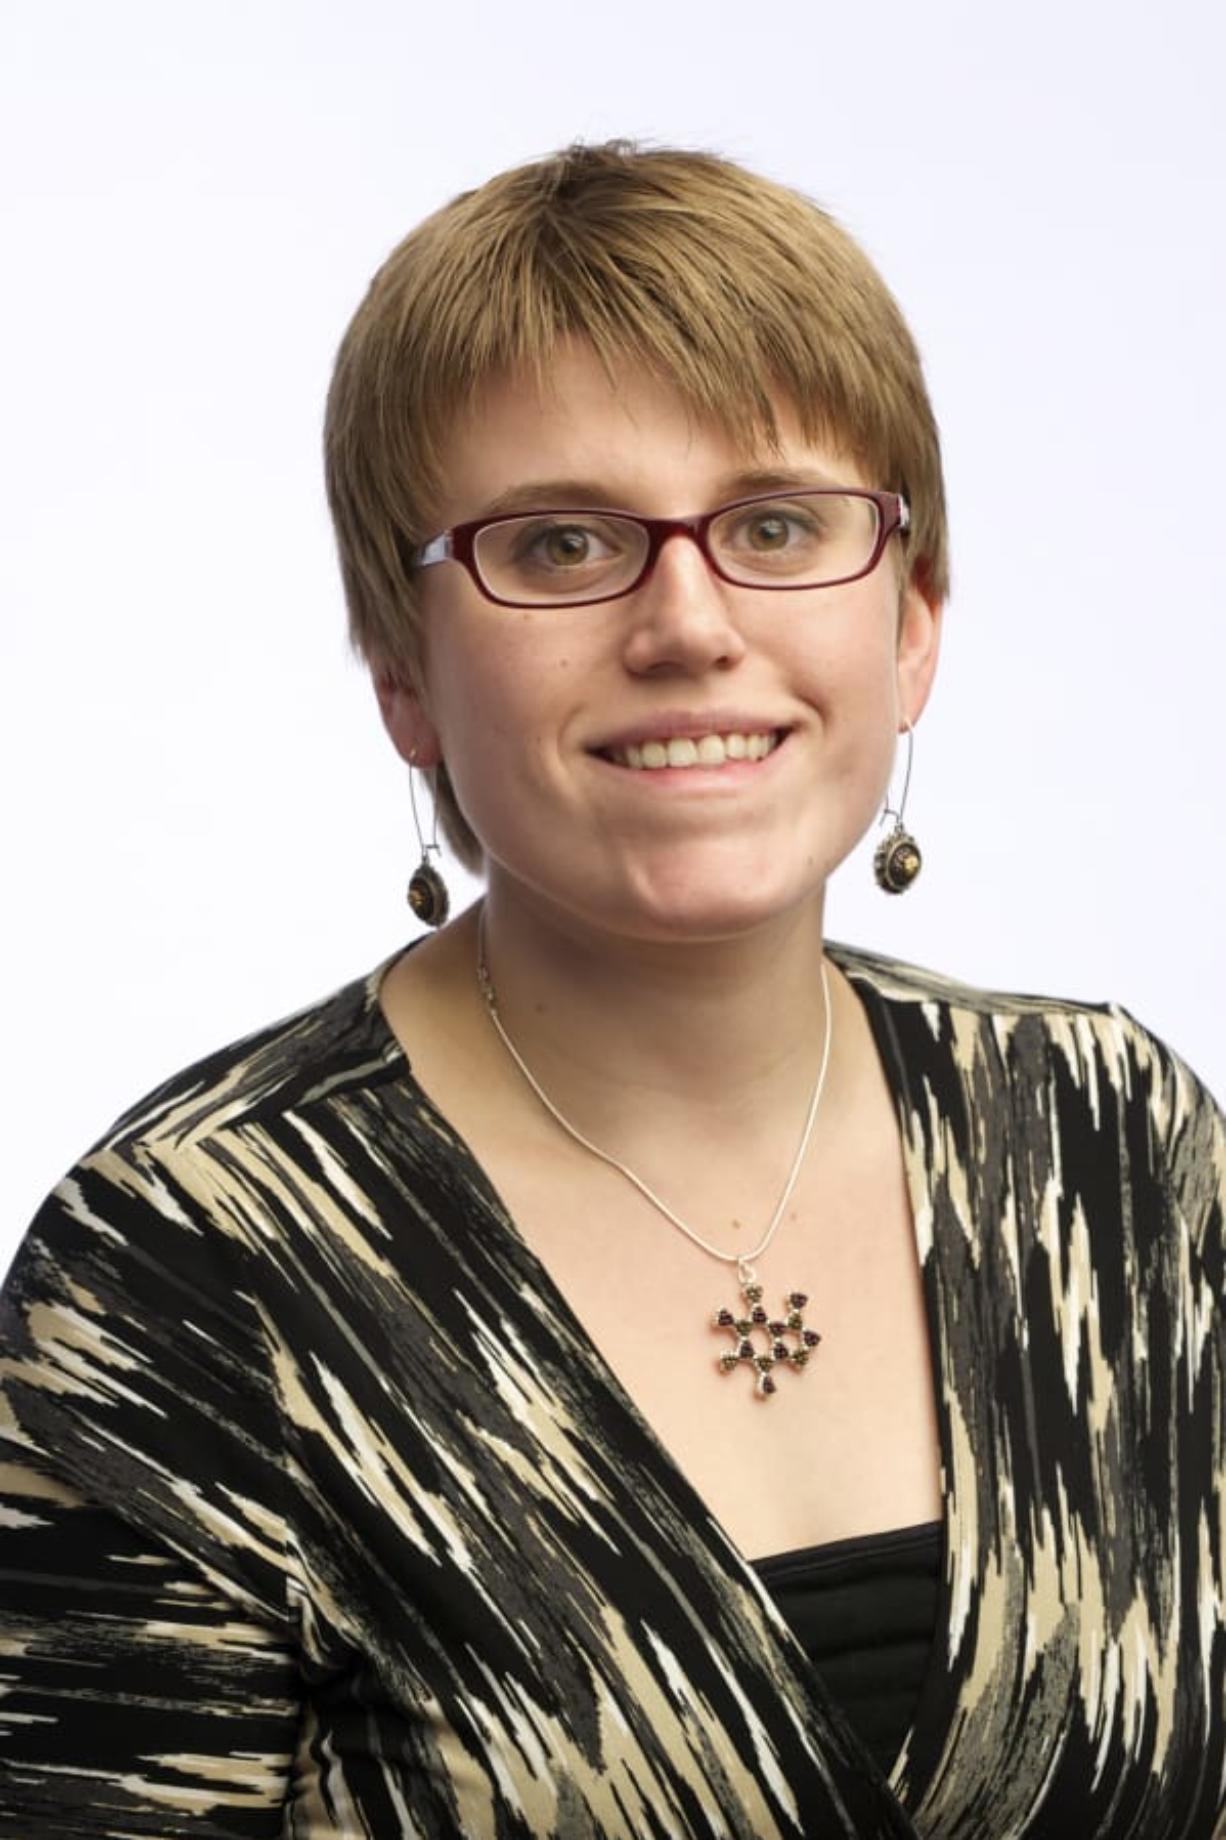 Kaitlin Gillespie